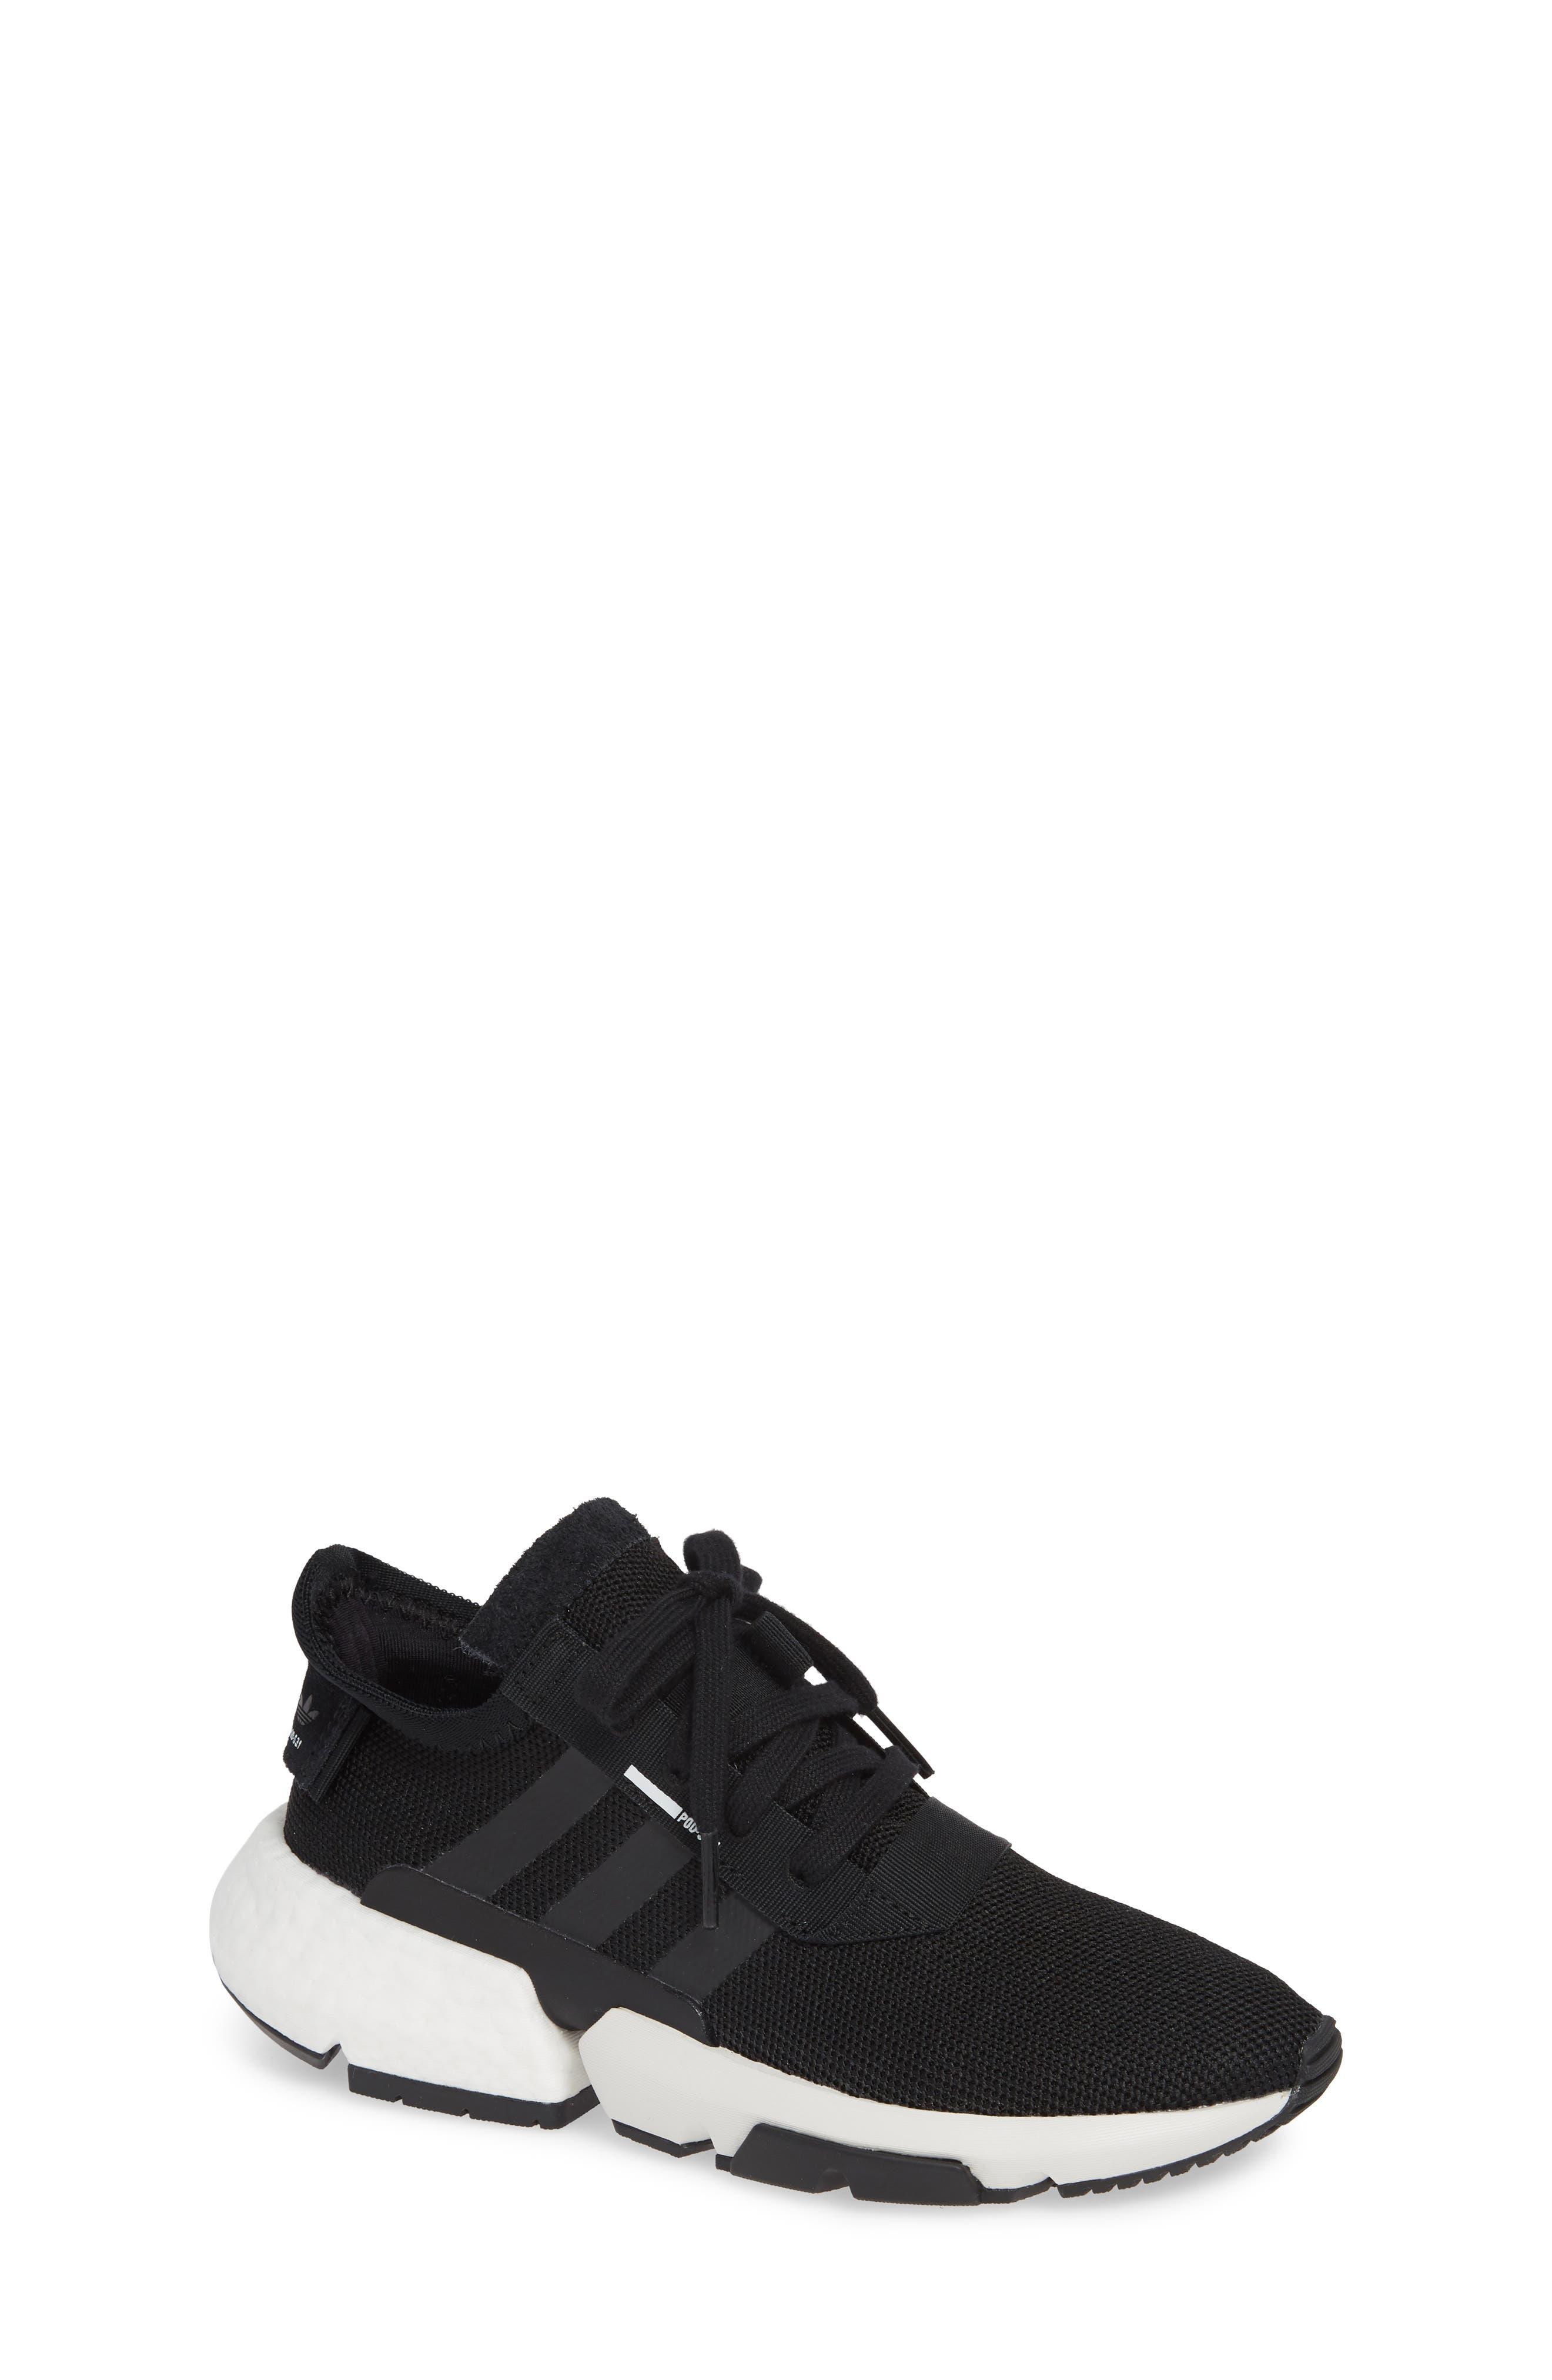 POD-S3.1 Sneaker, Main, color, CORE BLACK/ BLACK/ LEGEND IVY